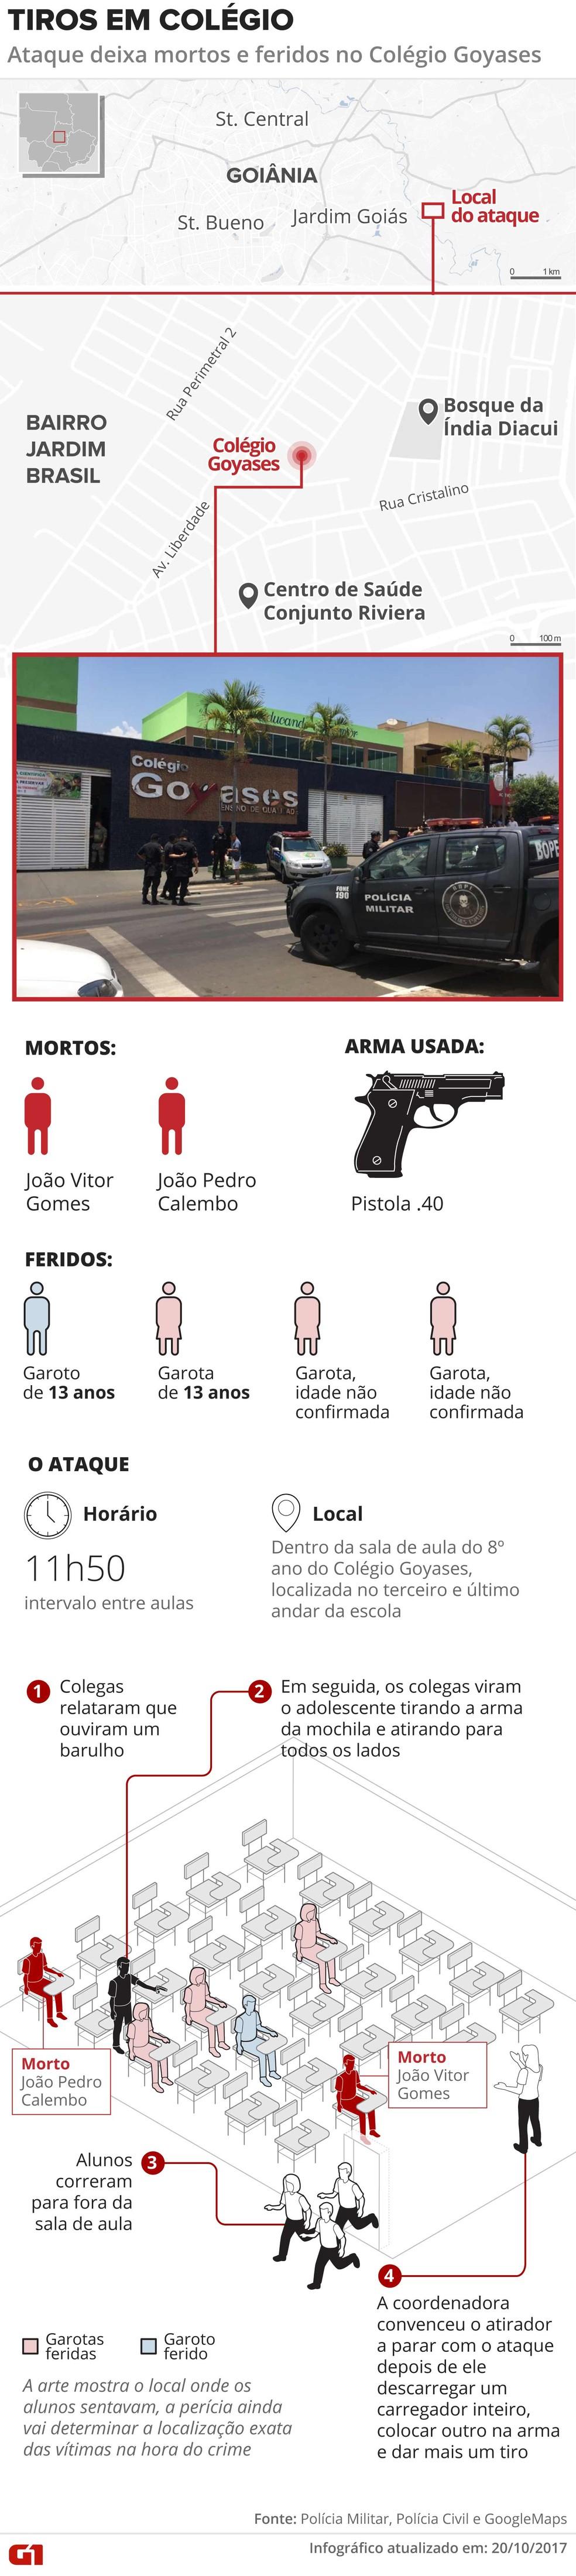 Aluno atira em colegas dentro de escola em Goiânia, mata dois e fere quatro - atualizado (Foto: Editoria de Arte/G1)